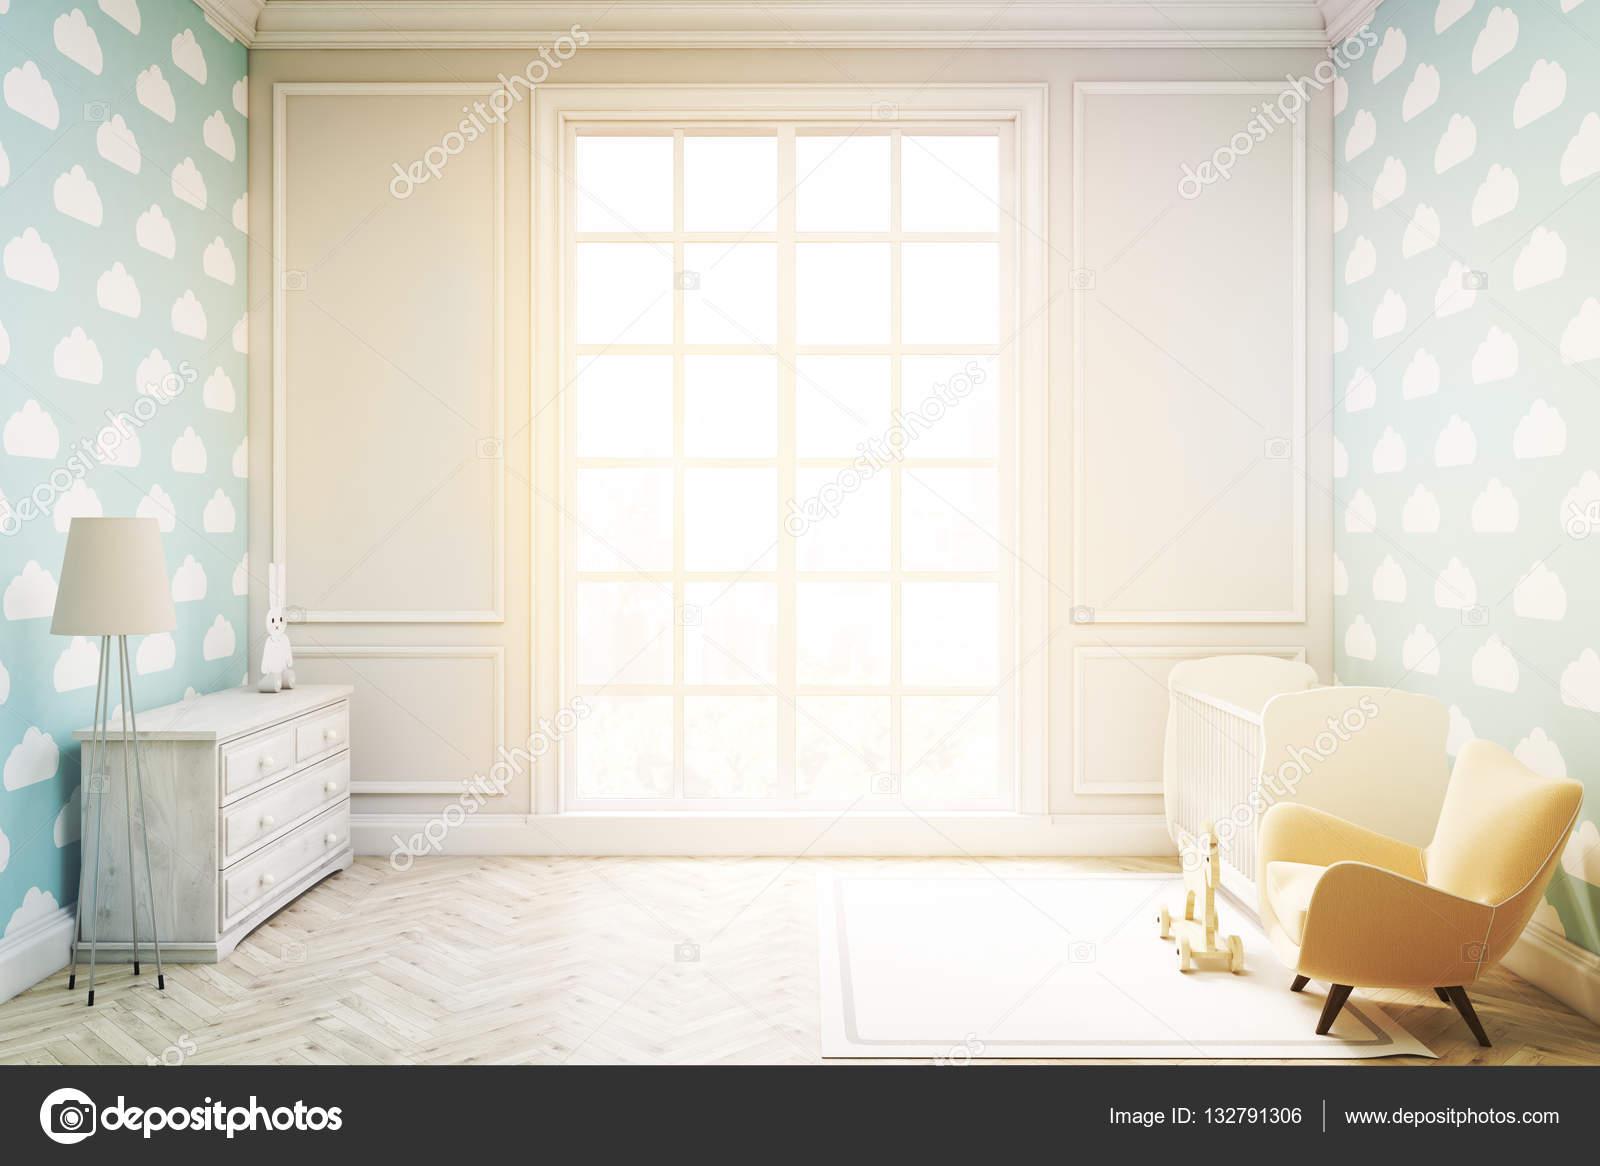 Kinderzimmer mit Wolke Tapete auf blauen Wand, getönt — Stockfoto ...